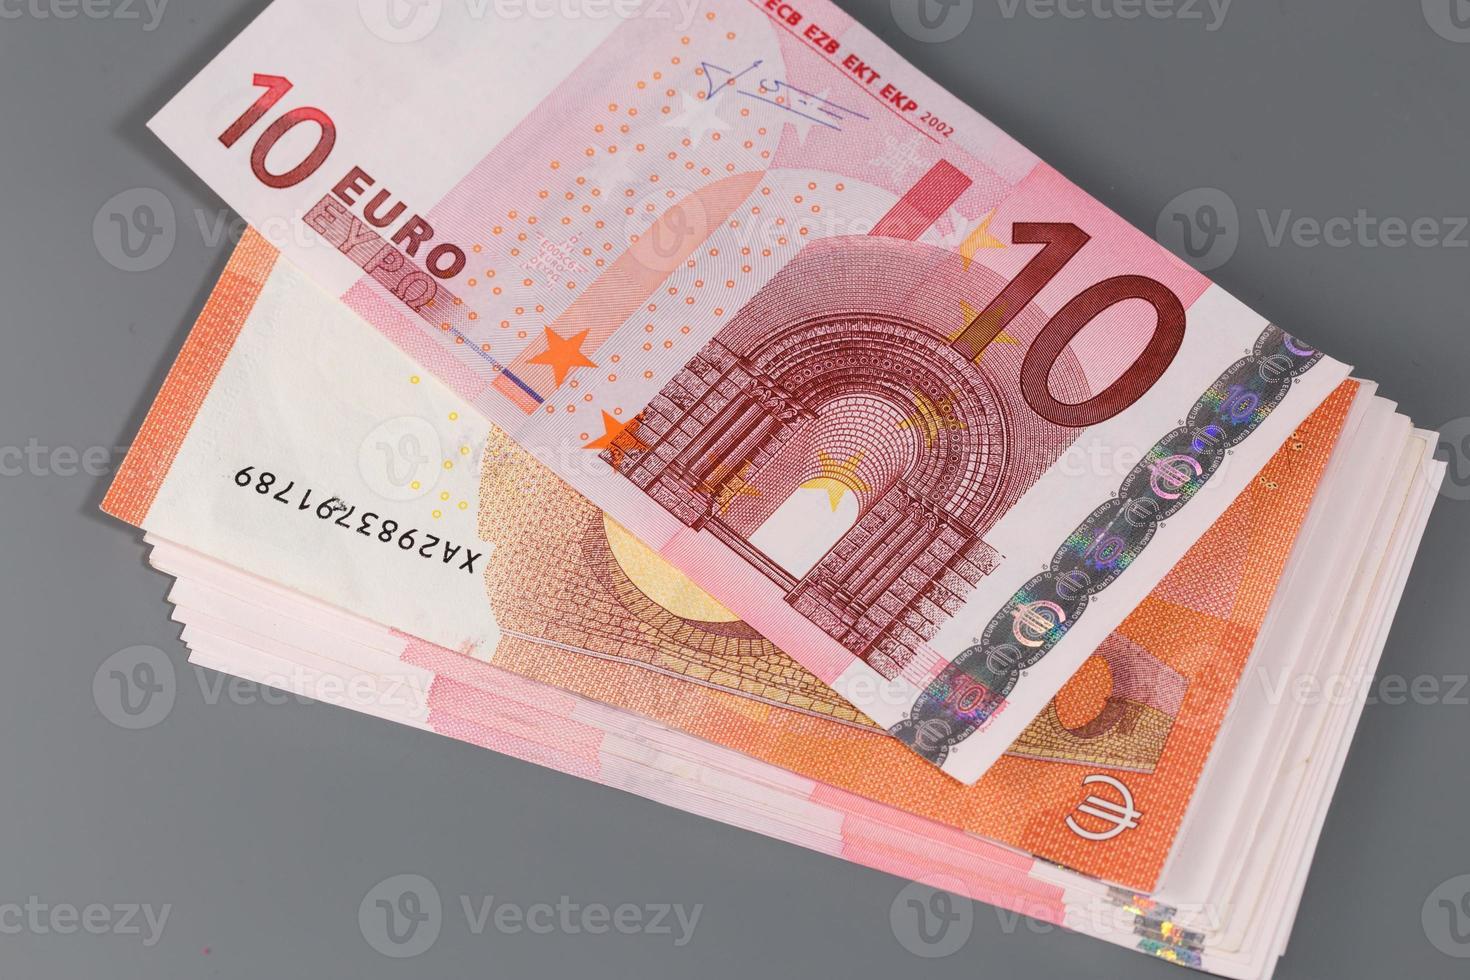 neue 10-Euro-Banknote und Euro-Banknote foto